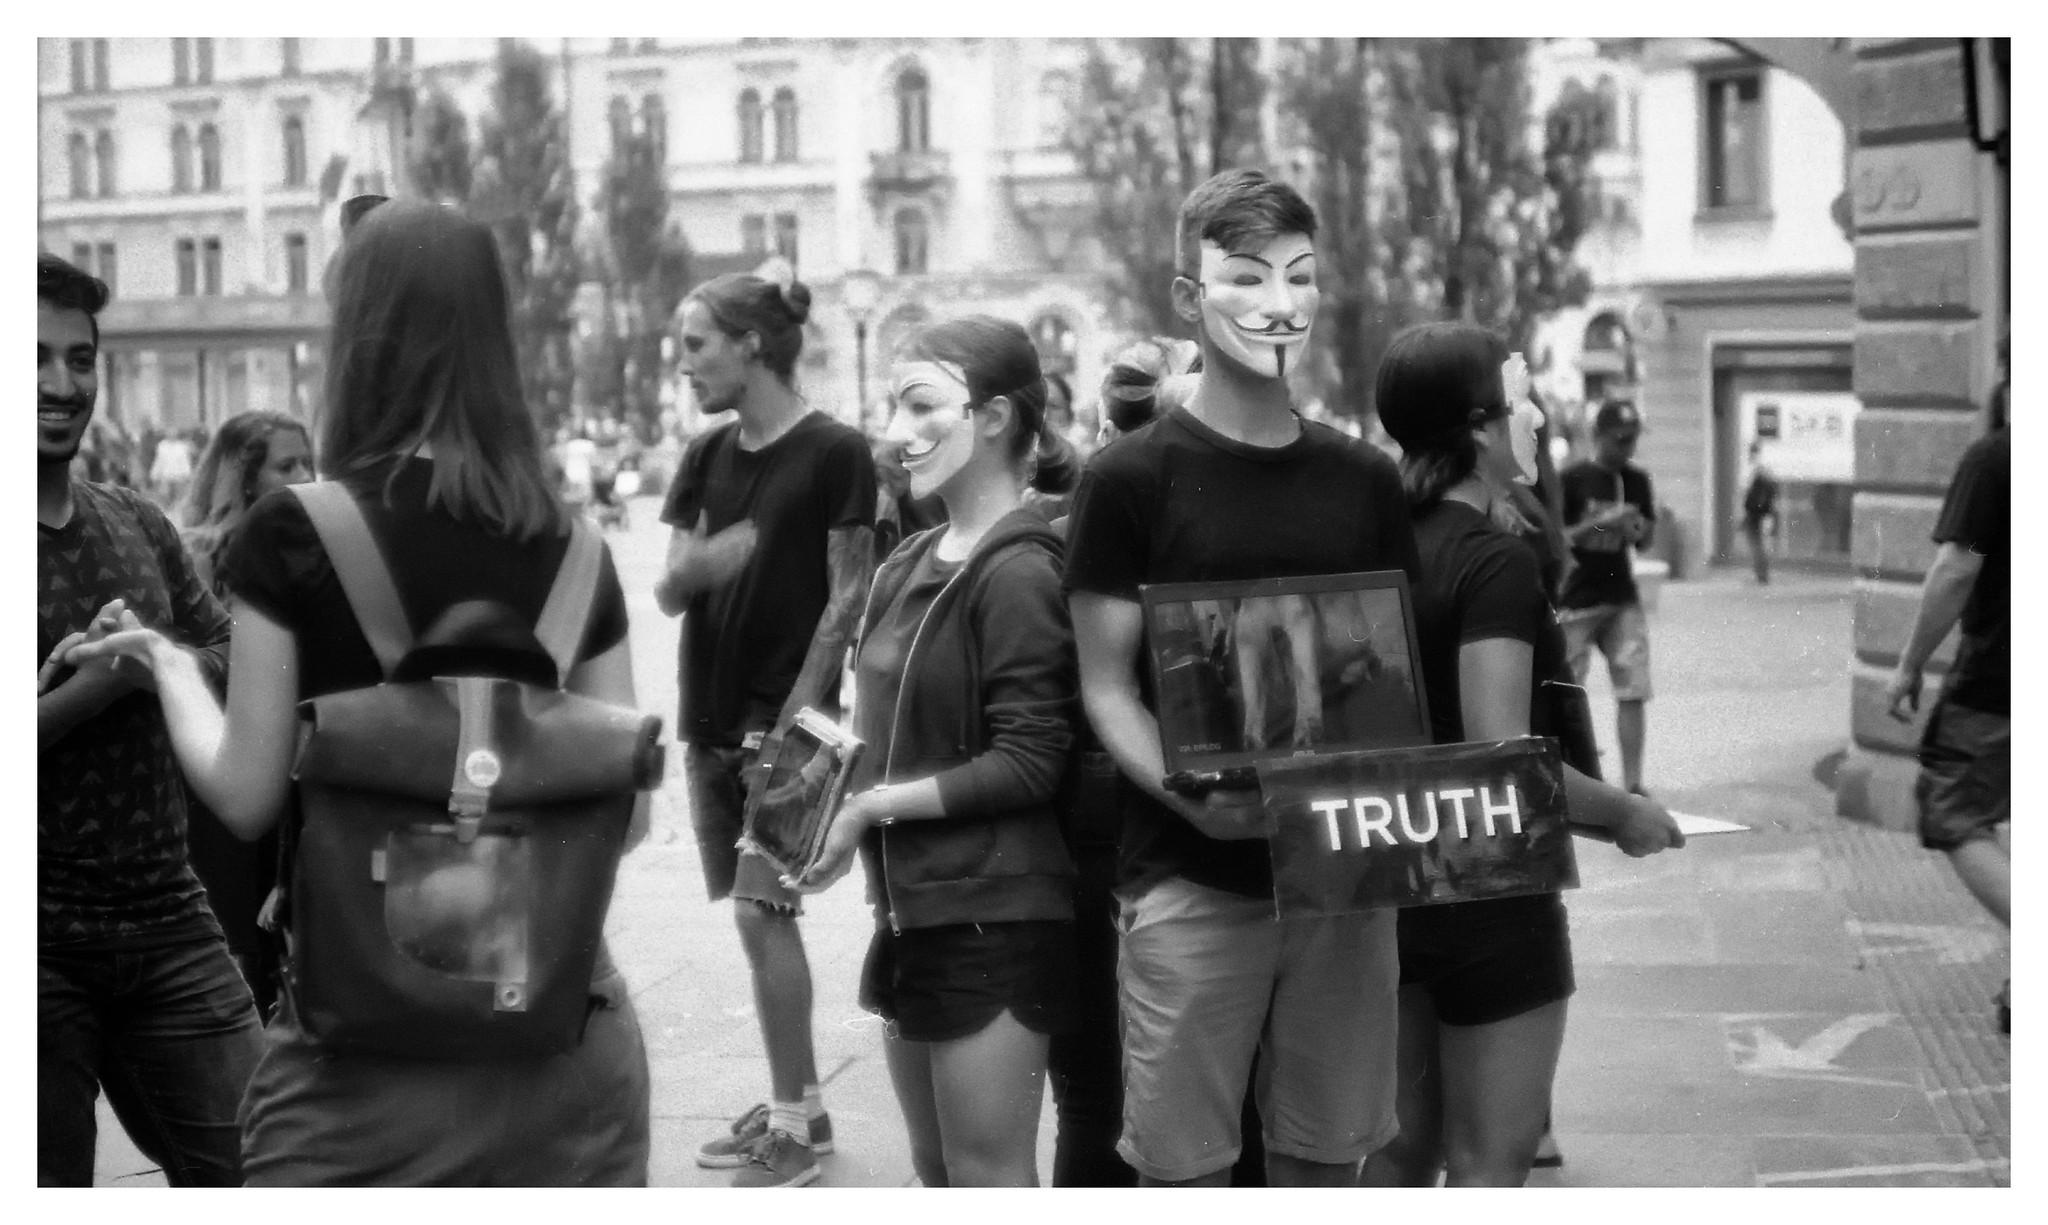 Ljublijana protest